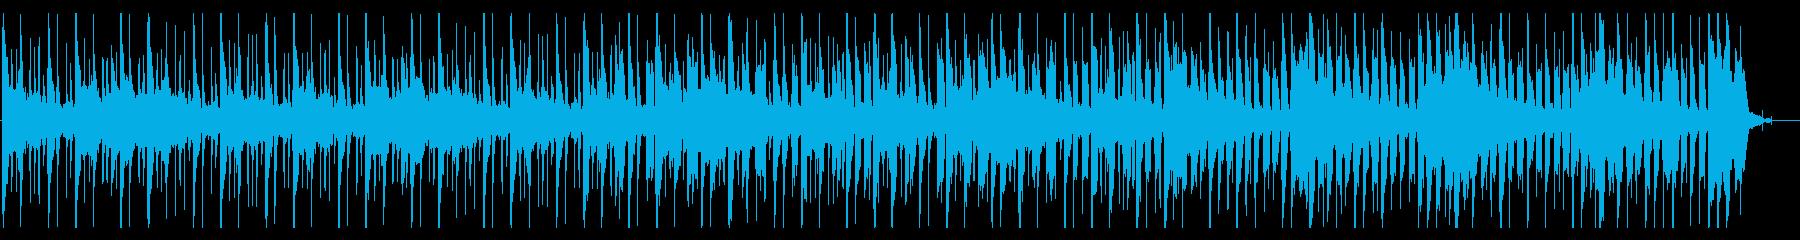 浮遊感/チル_No498_2の再生済みの波形